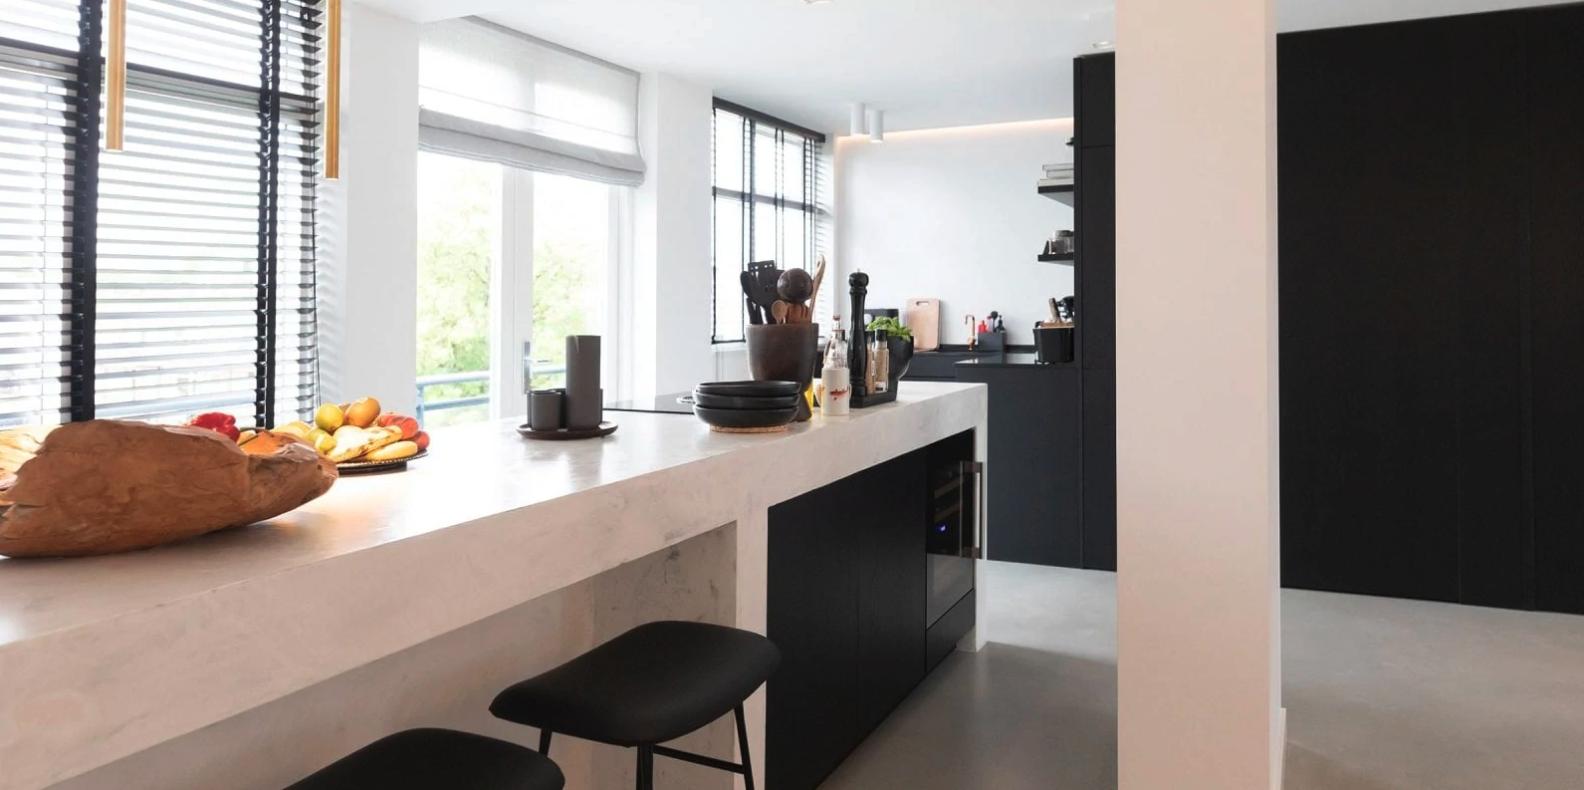 Moderne Keuken Op Maat Door Atelier 19 Bergschenhoek